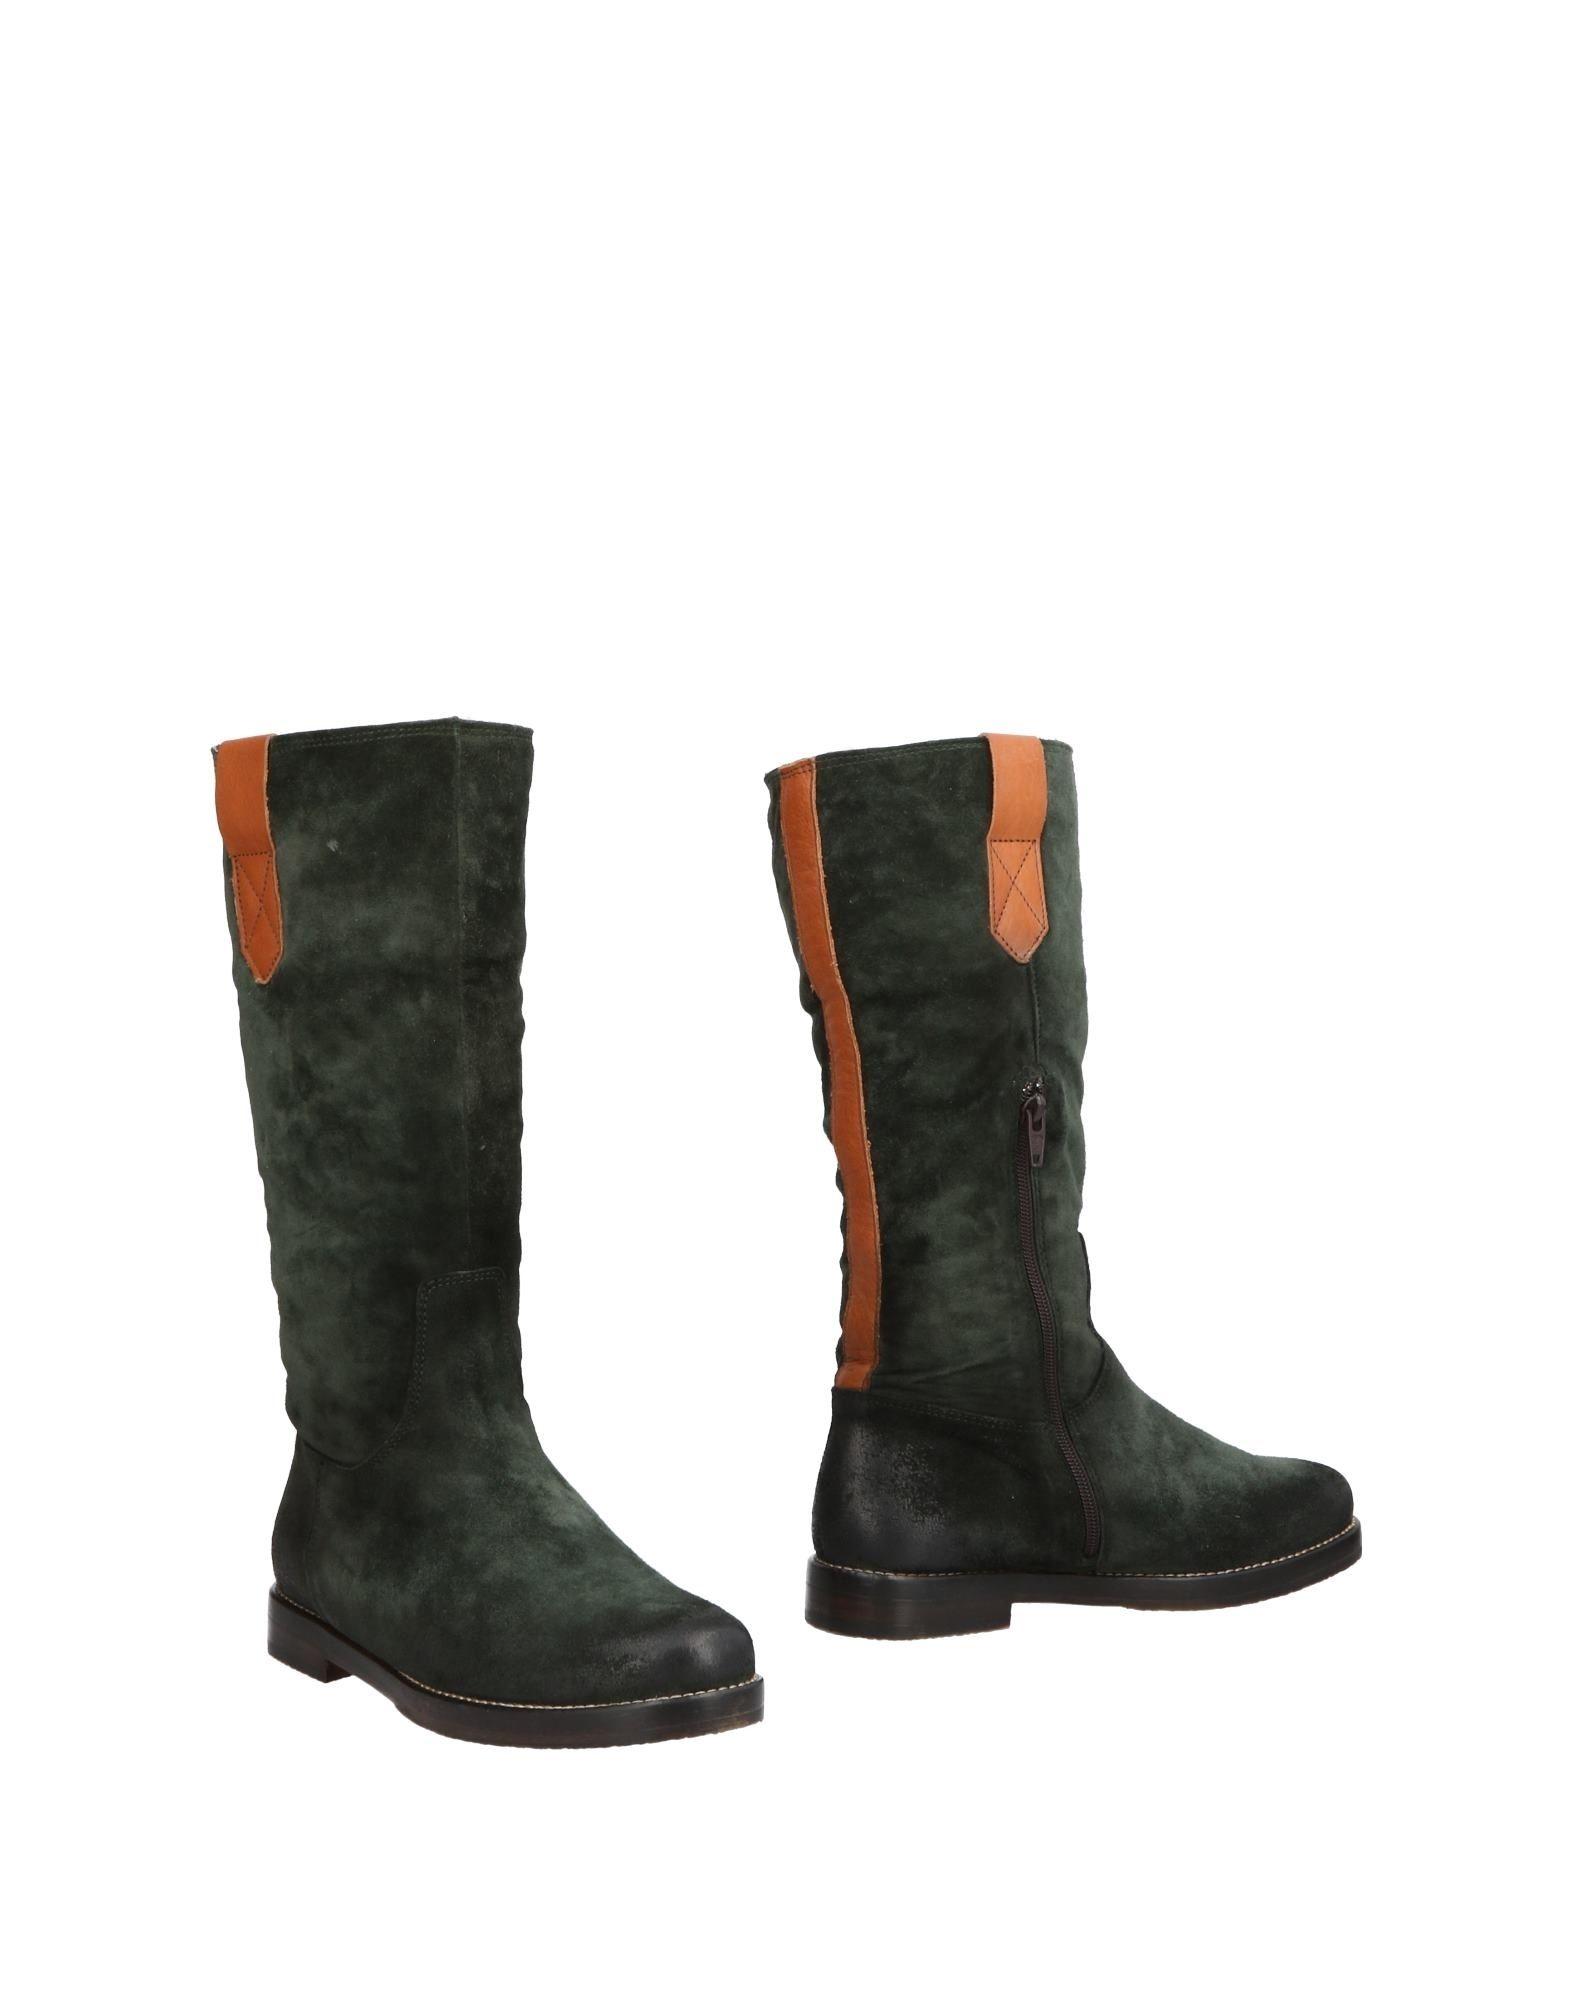 Manas Stiefel Damen  11502354BS Gute Qualität beliebte Schuhe